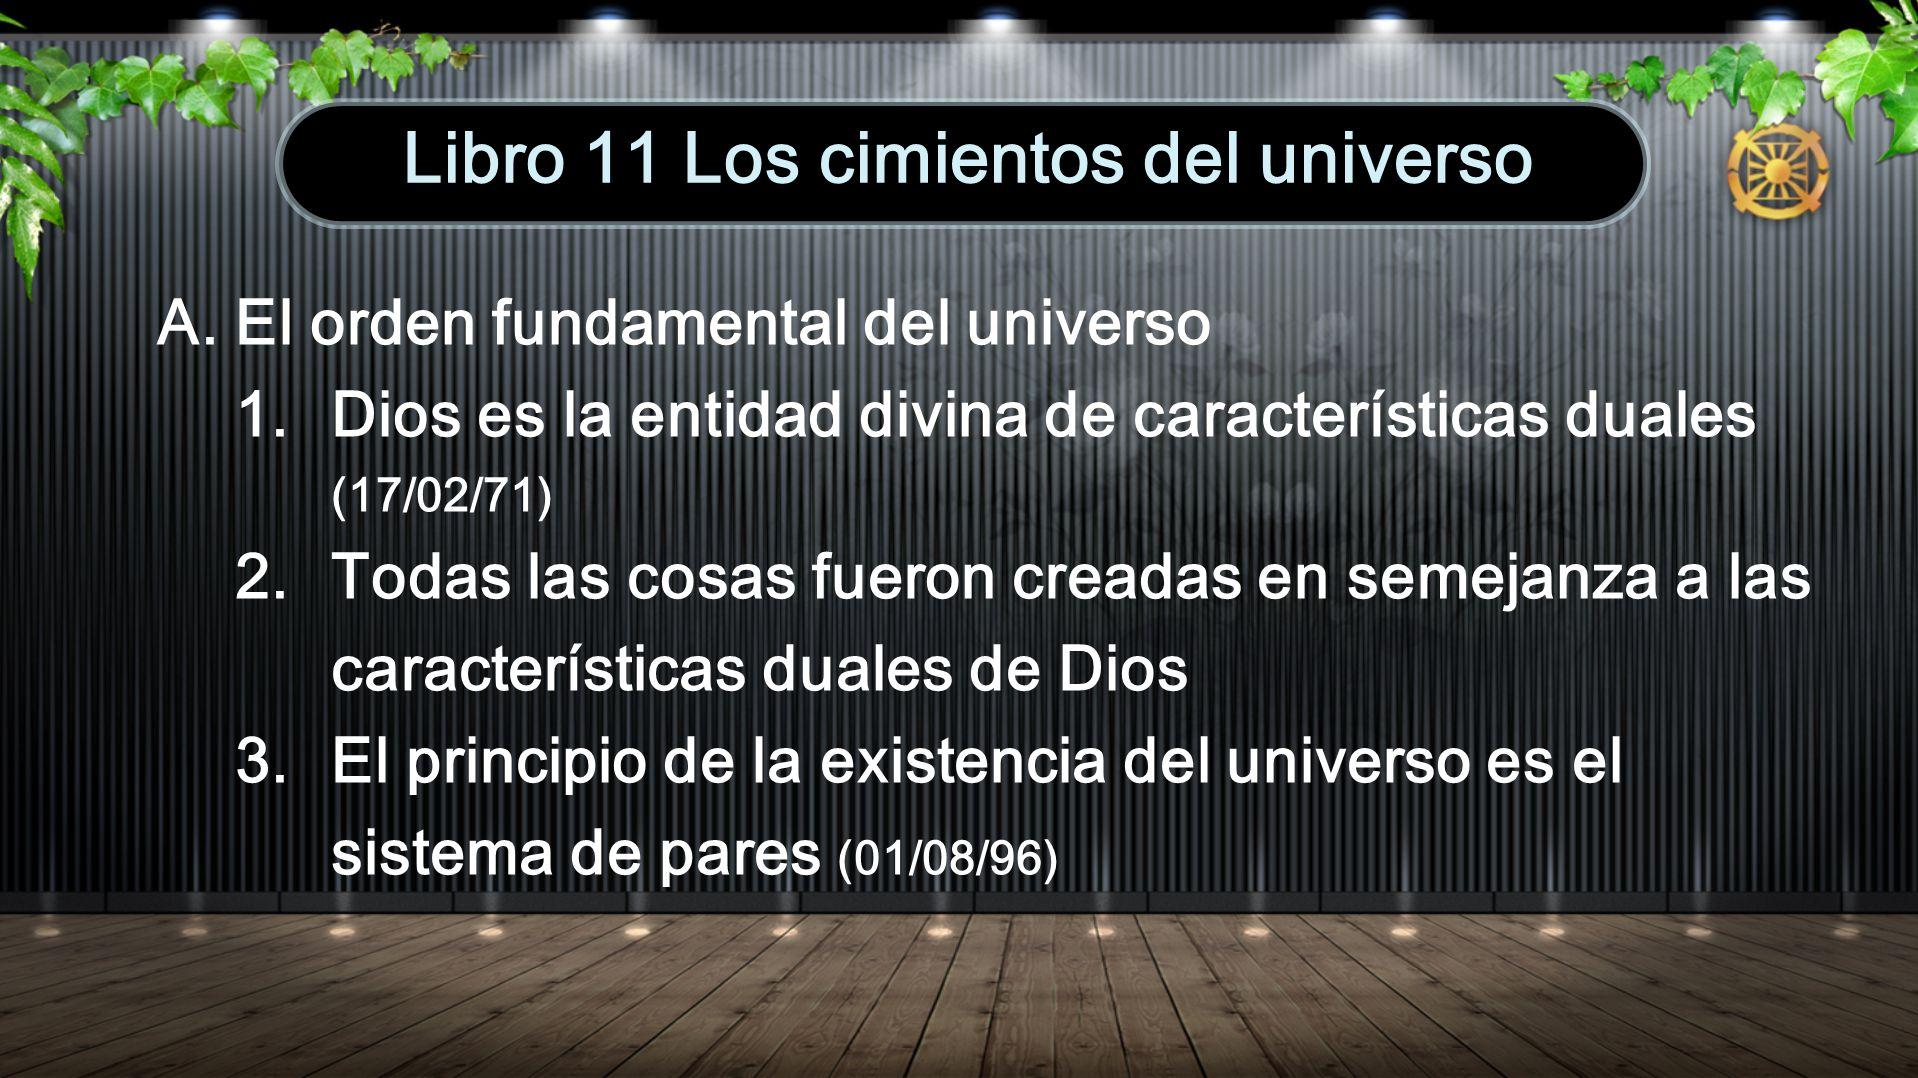 Libro 11 Los cimientos del universo